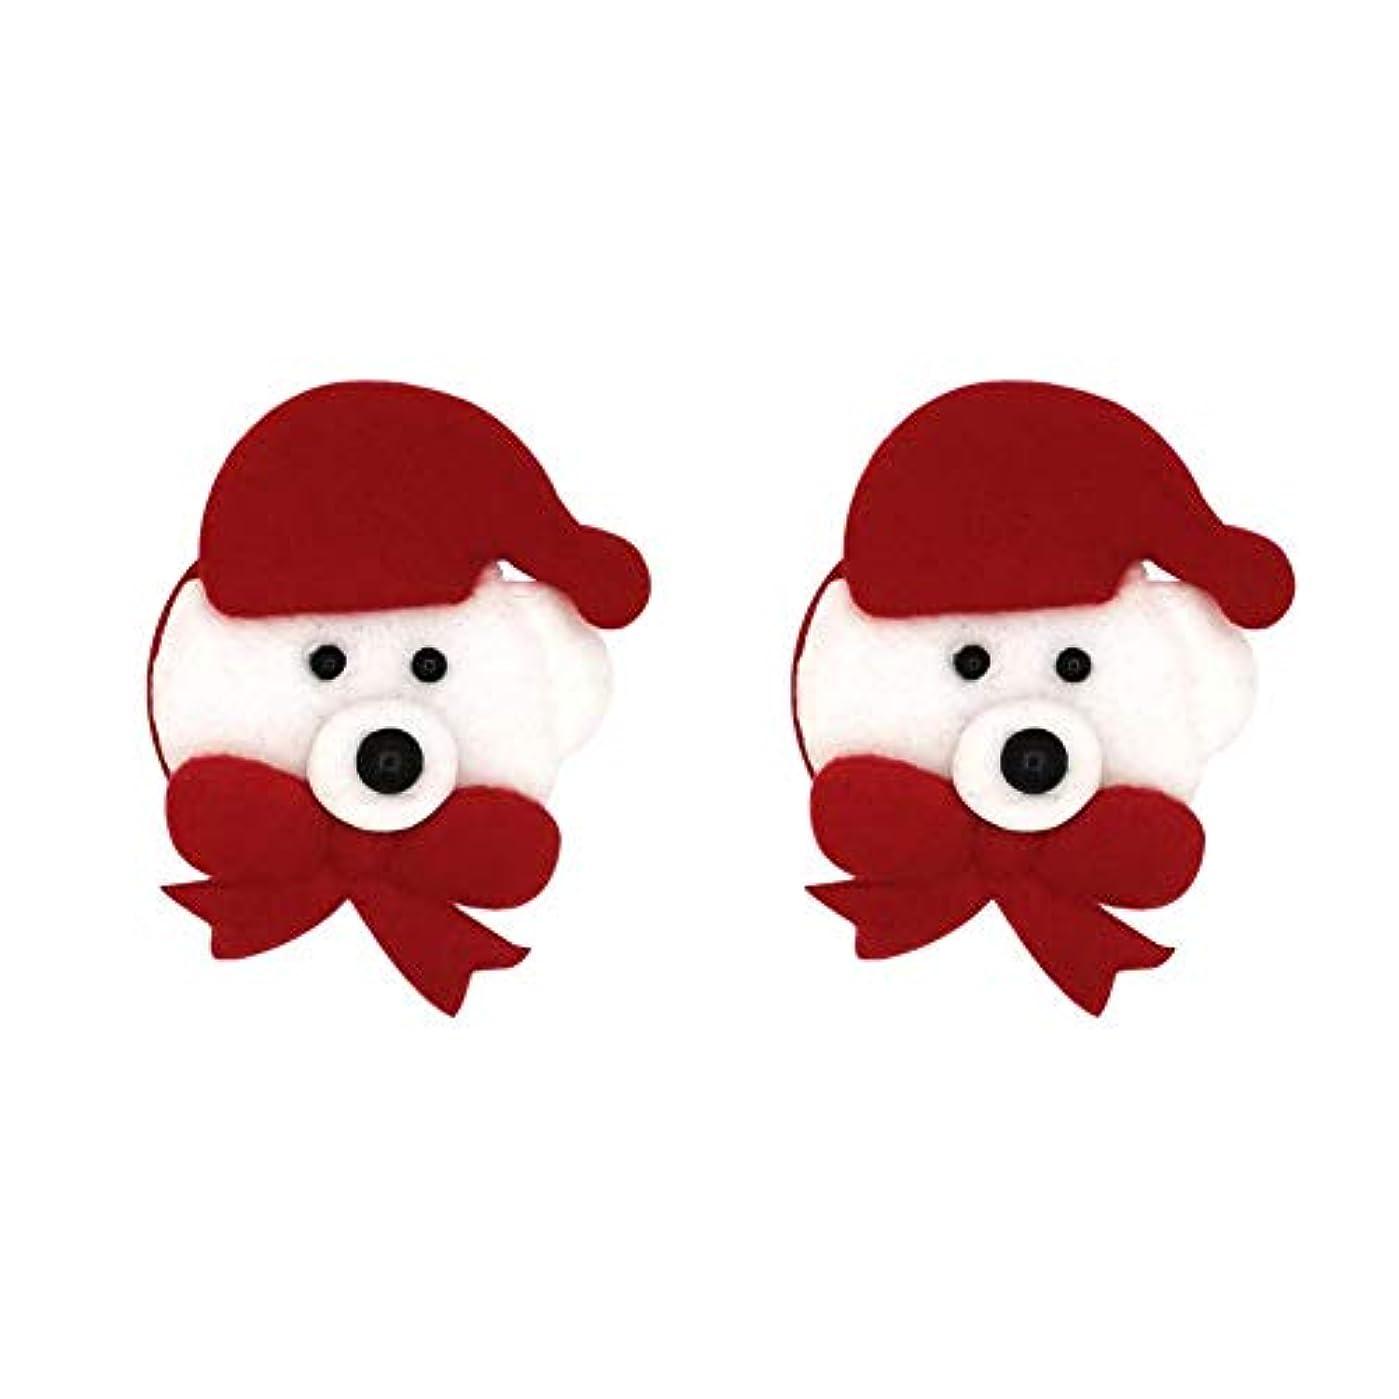 ハング迫害膿瘍LUHUNセクシーなブラジャーテープシリコーンニップルカバー女性目に見えない真鍮テープクリスマスツリー雪だるまパターンresuable